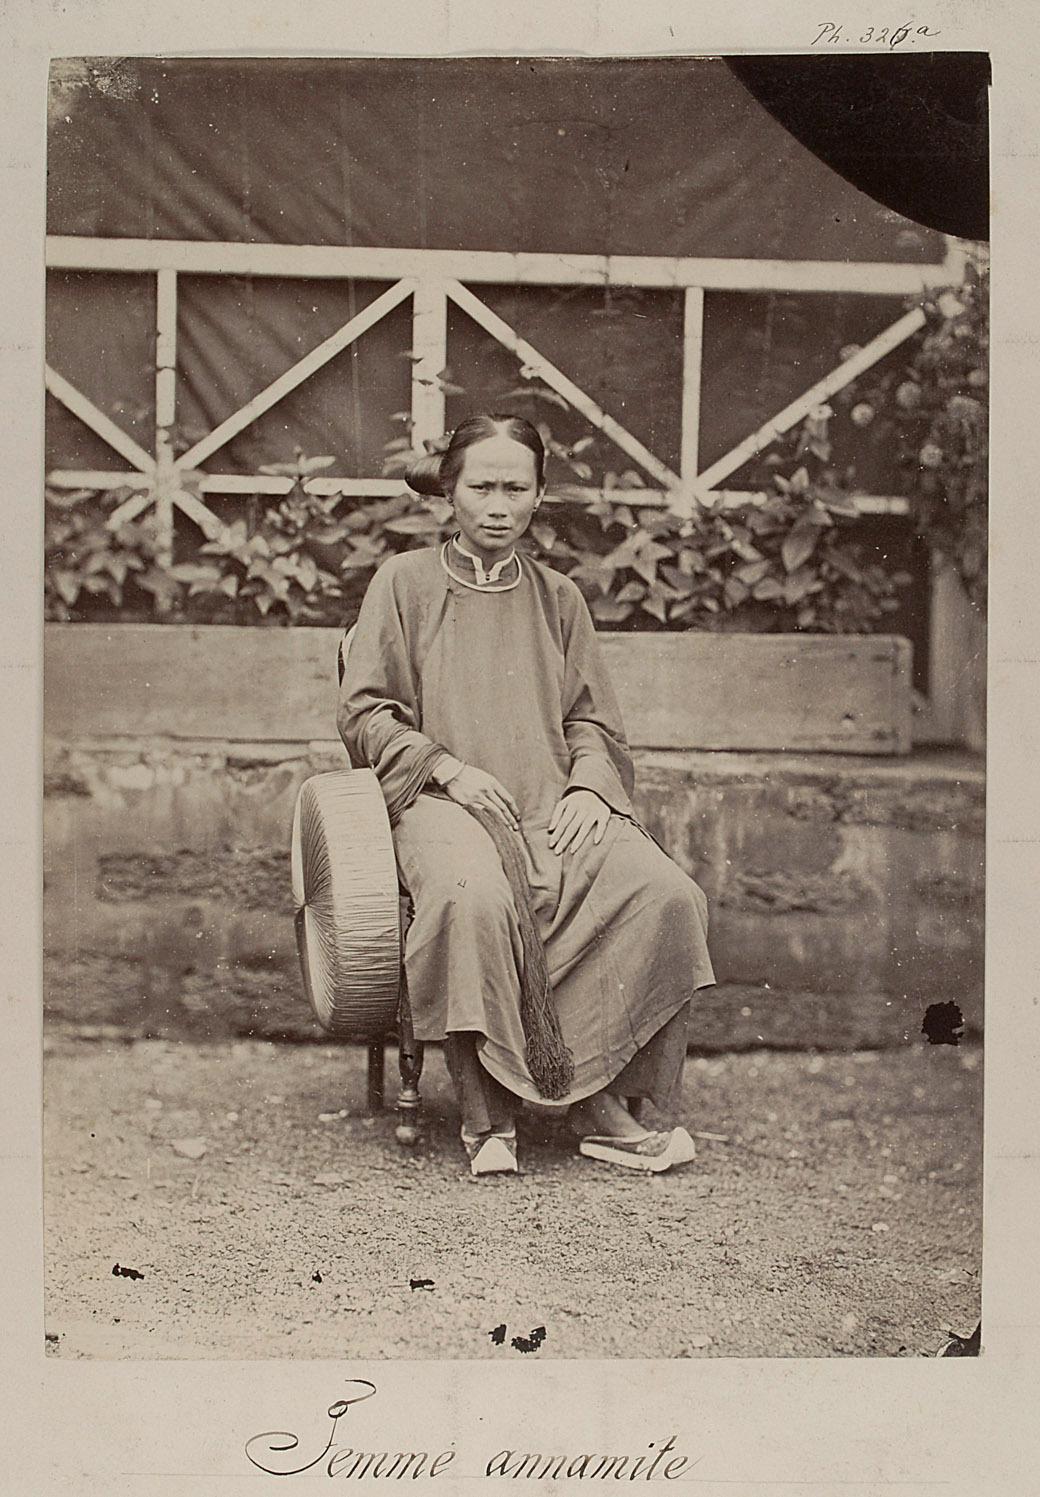 Annamitische Frau von Émile Gsell